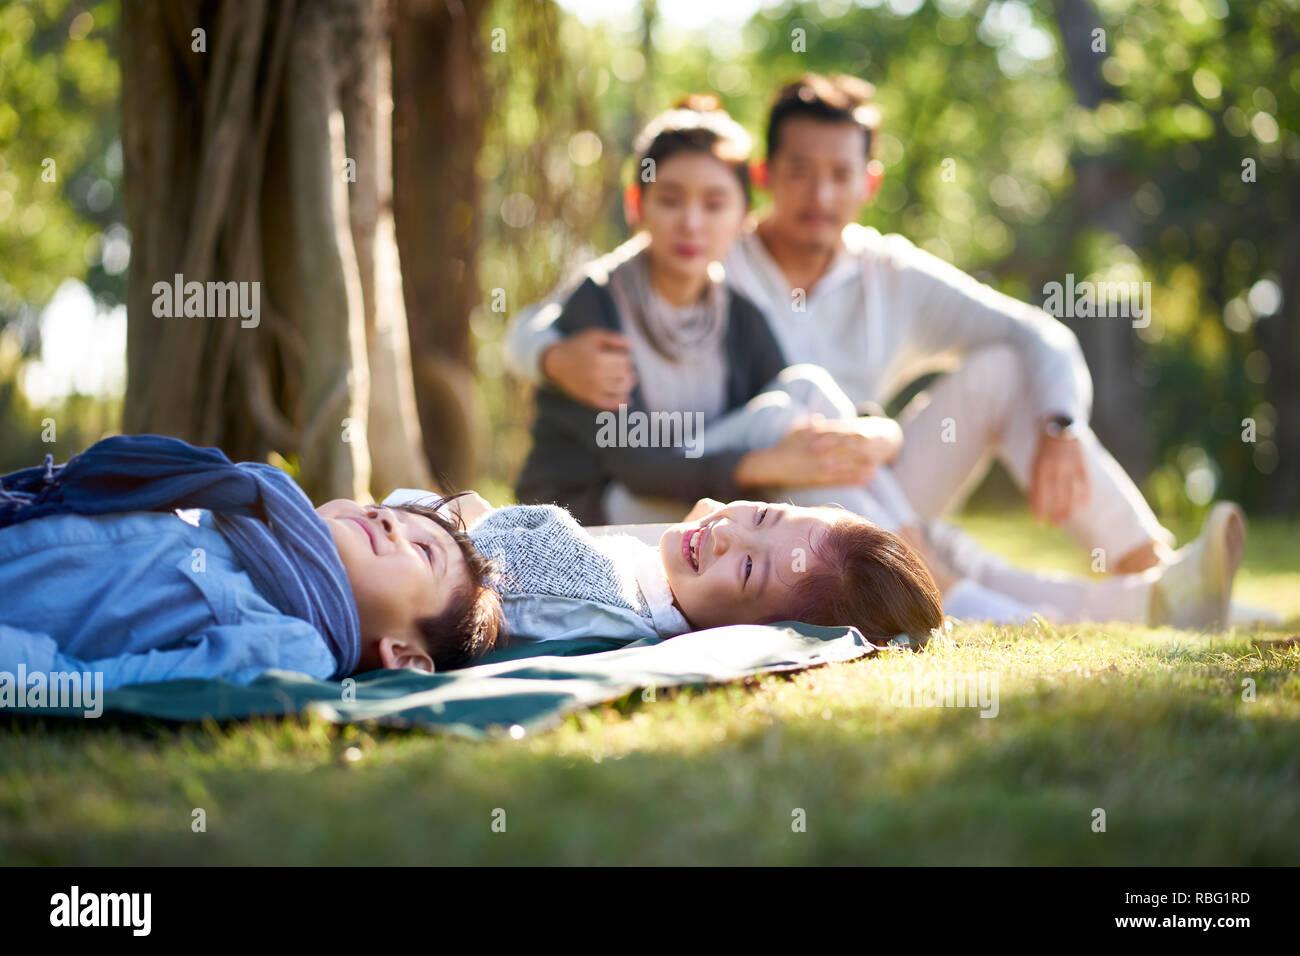 Deux enfants asiatiques little boy and girl having fun lying on grass avec les parents assis à regarder en arrière-plan. Banque D'Images